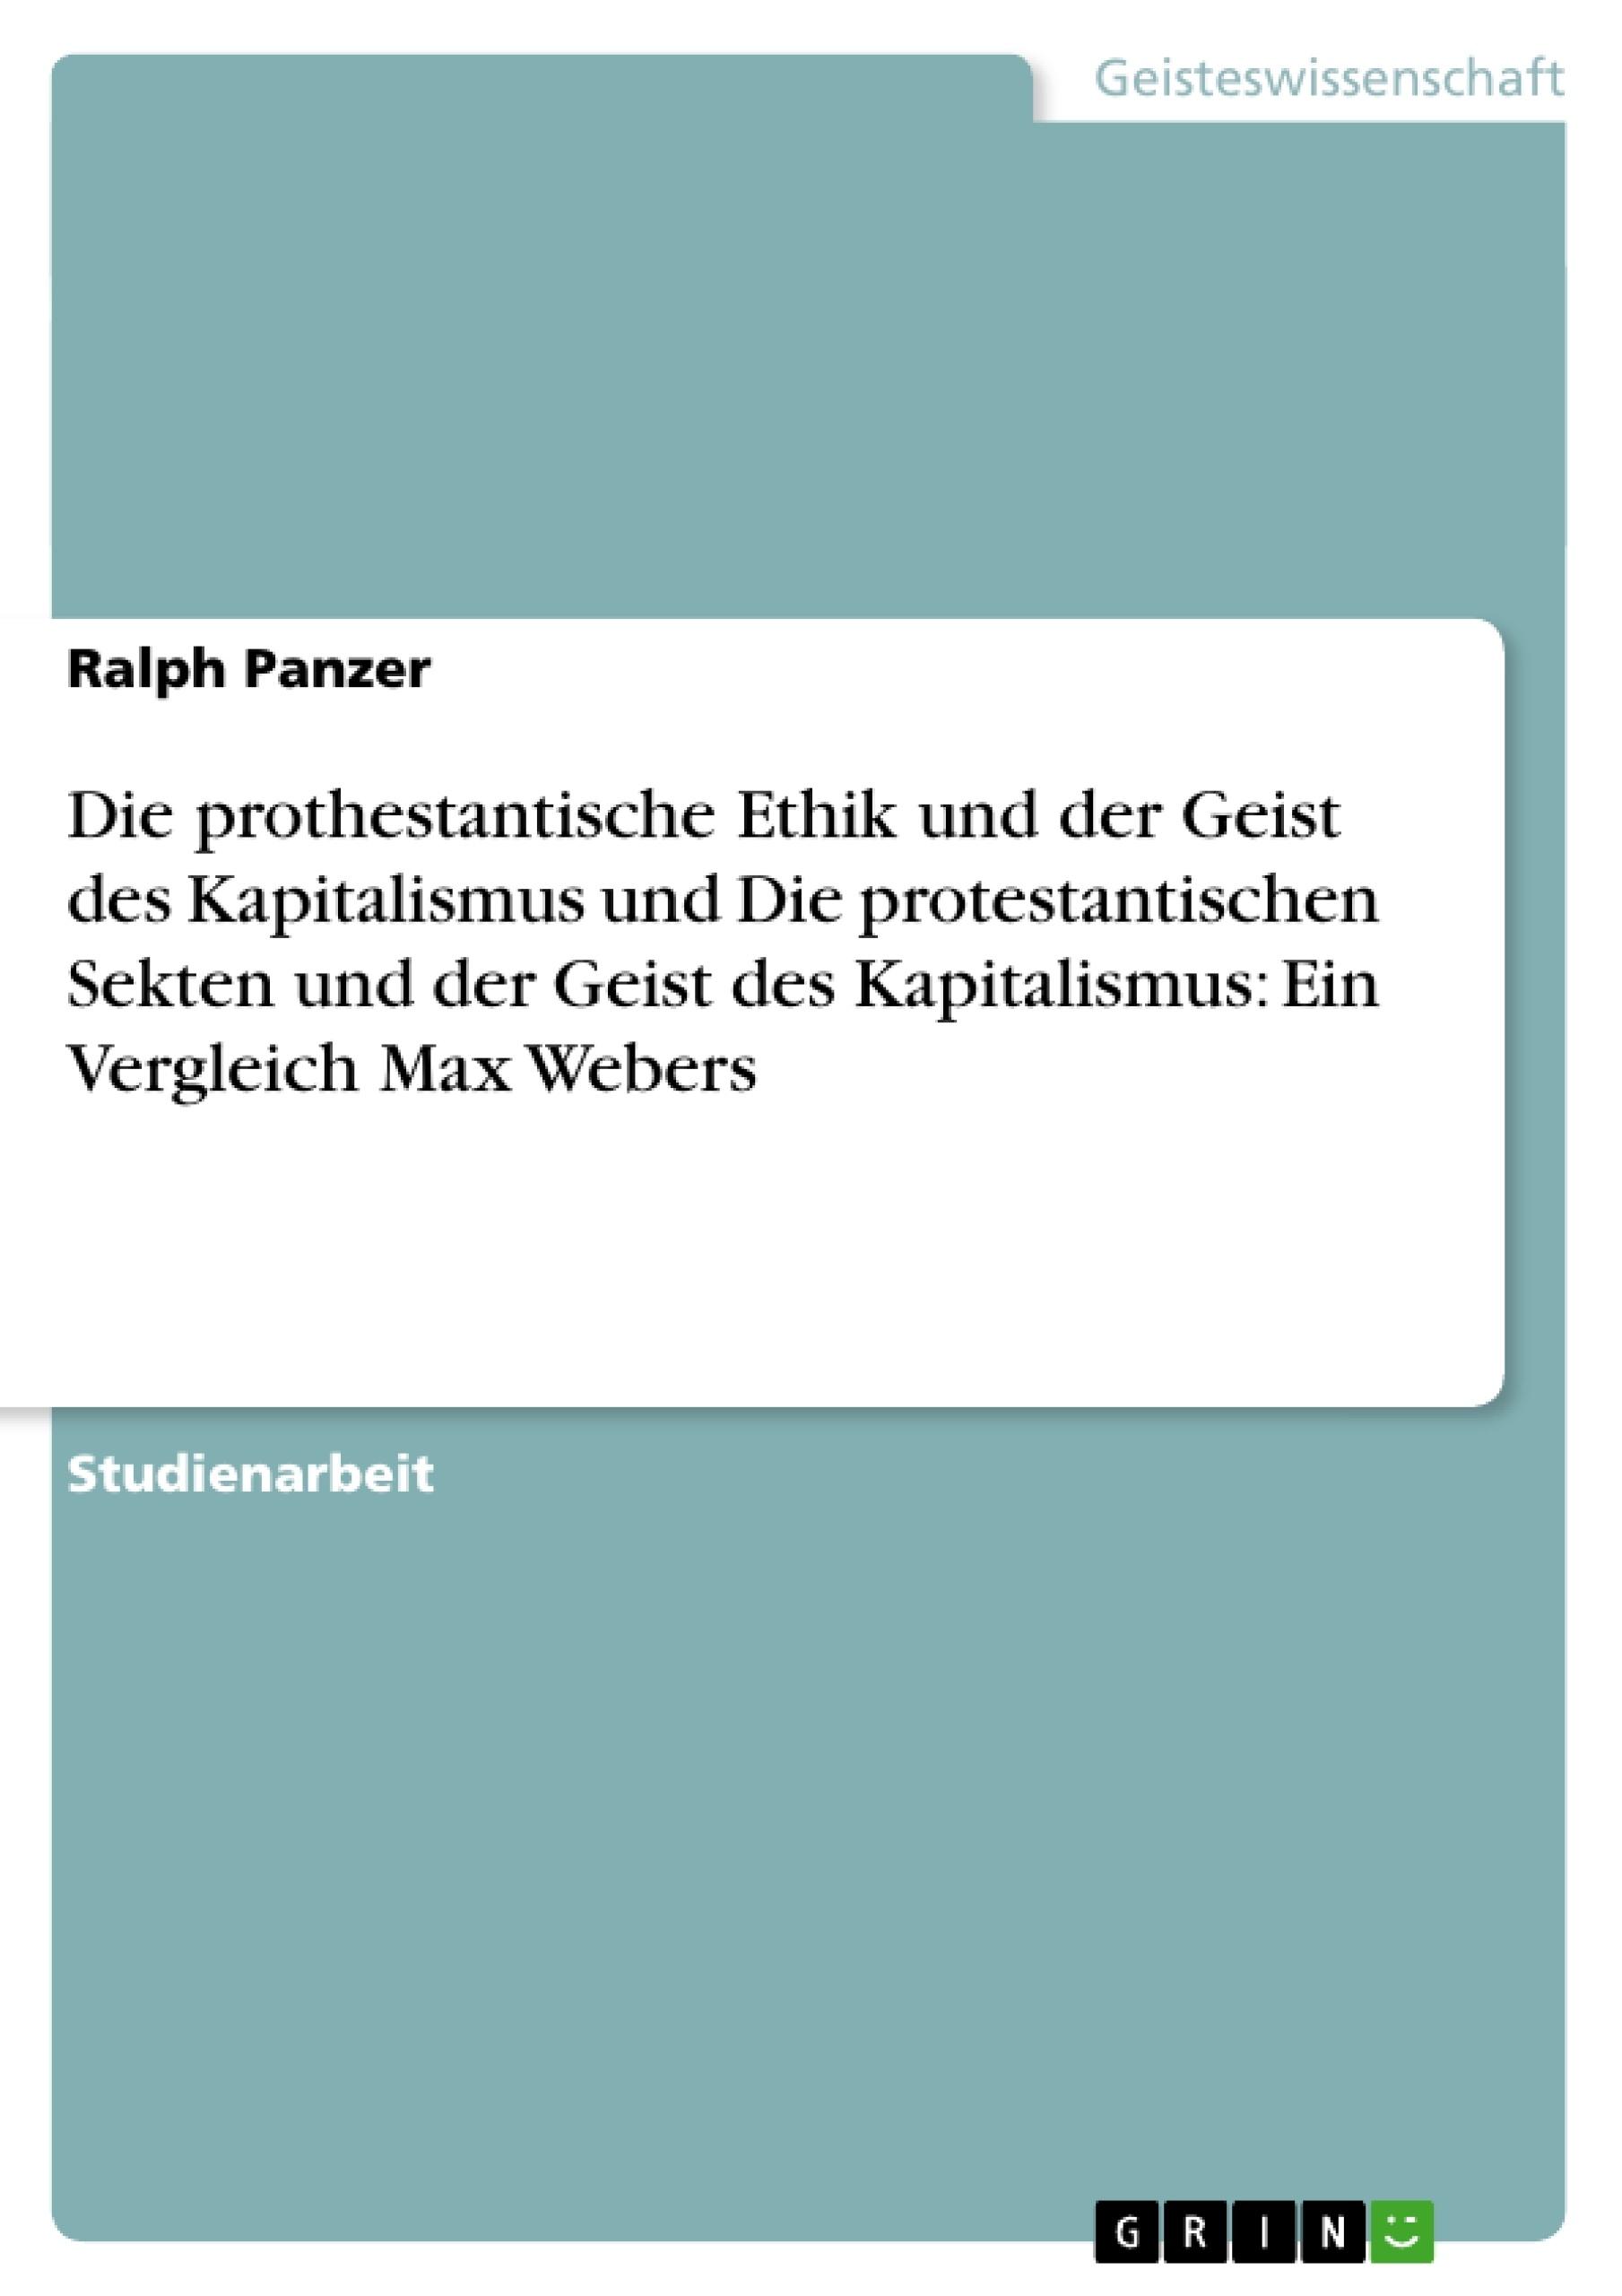 Titel: Die prothestantische Ethik und der Geist des Kapitalismus und Die protestantischen Sekten und der Geist des Kapitalismus: Ein Vergleich Max Webers